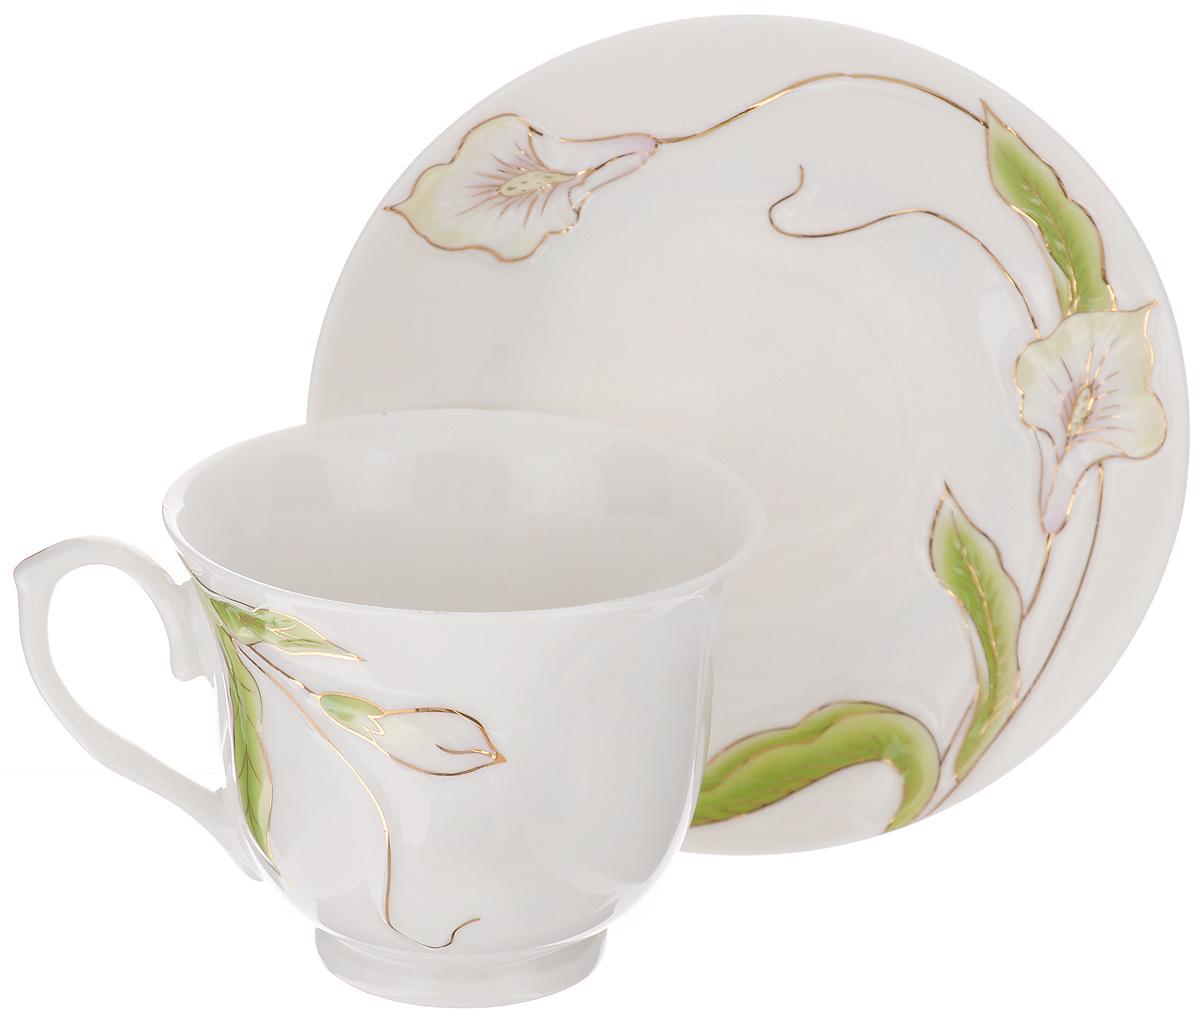 Чайная пара Loraine, 2 предмета. 2118421184Чайная пара Loraine состоит из чашки и блюдца. Изделия выполнены из высококачественного костяного фарфора и оформлены цветным рисунком. Чайная пара Loraine - это не только яркий и полезный подарок для родных и близких, а также великолепное дизайнерское решение для вашей кухни или столовой. Чайный набор упакован в подарочную коробку. Объем чашки: 240 мл. Диаметр чашки (по верхнему краю): 9 см. Высота чашки: 7,5 см. Диаметр блюдца (по верхнему краю): 14 см. Высота блюдца: 1,5 см.